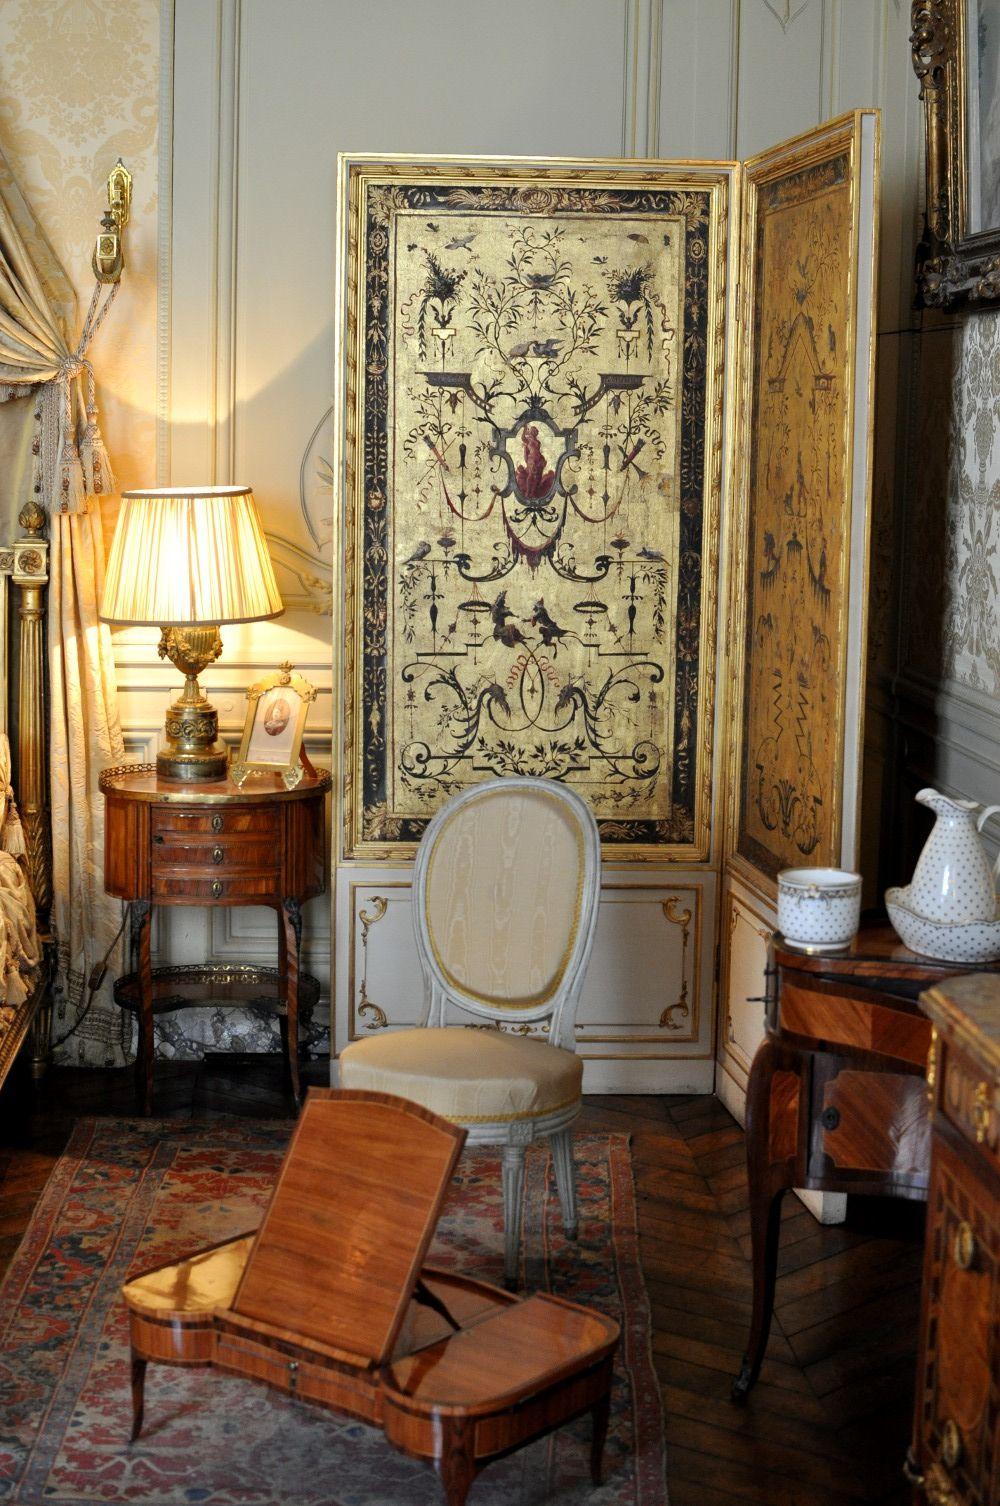 Mus e jacquemart andr paris visita nella casa museo stile for Casa francese di abiti e profumi